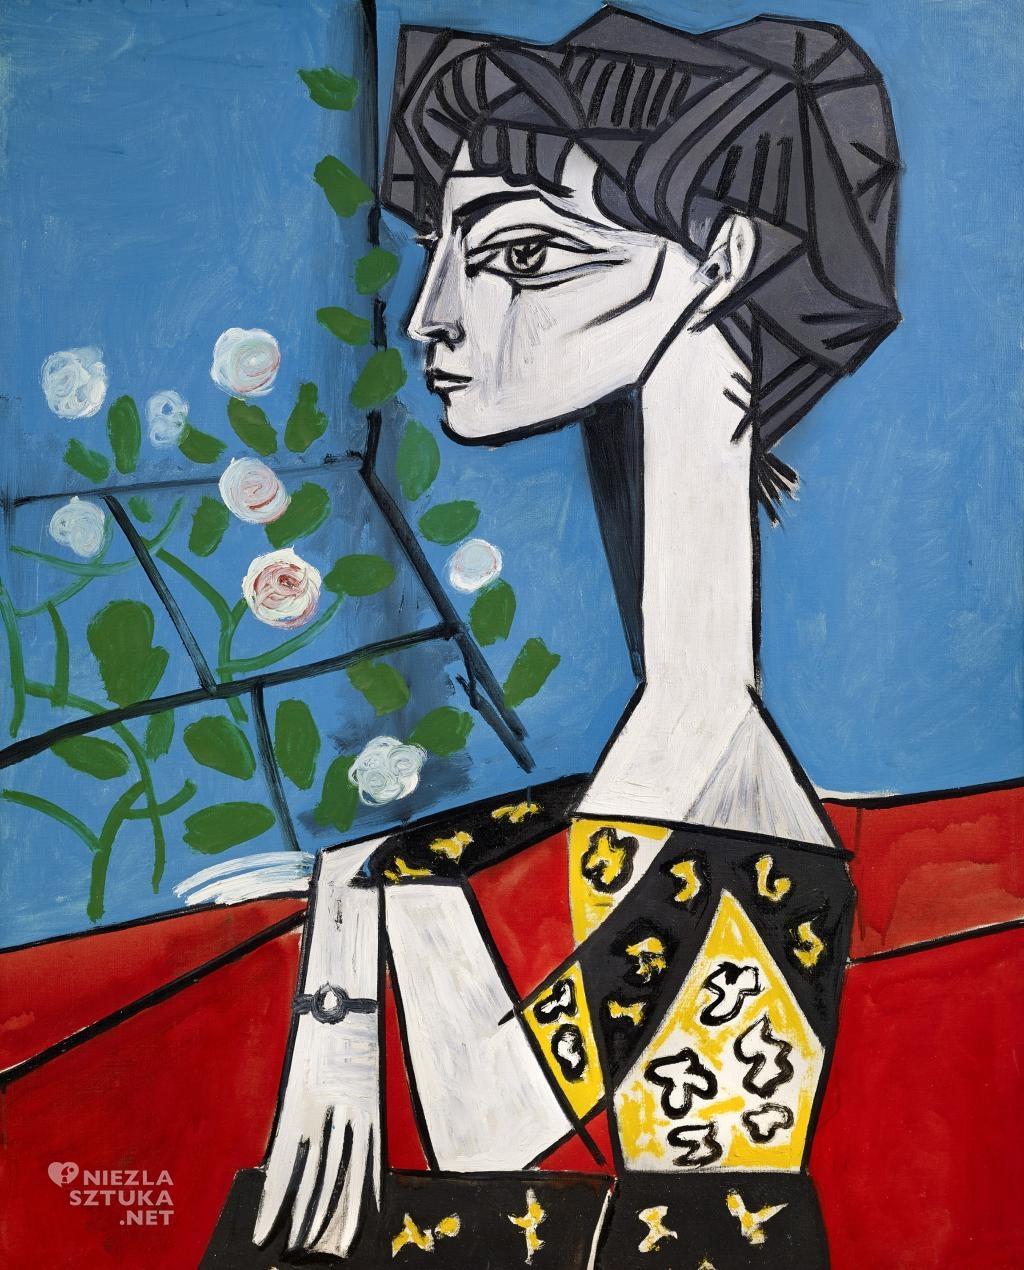 Pablo Picasso, Jacqueline z kwiatami, kobiety Picassa, kubizm, Niezła Sztuka